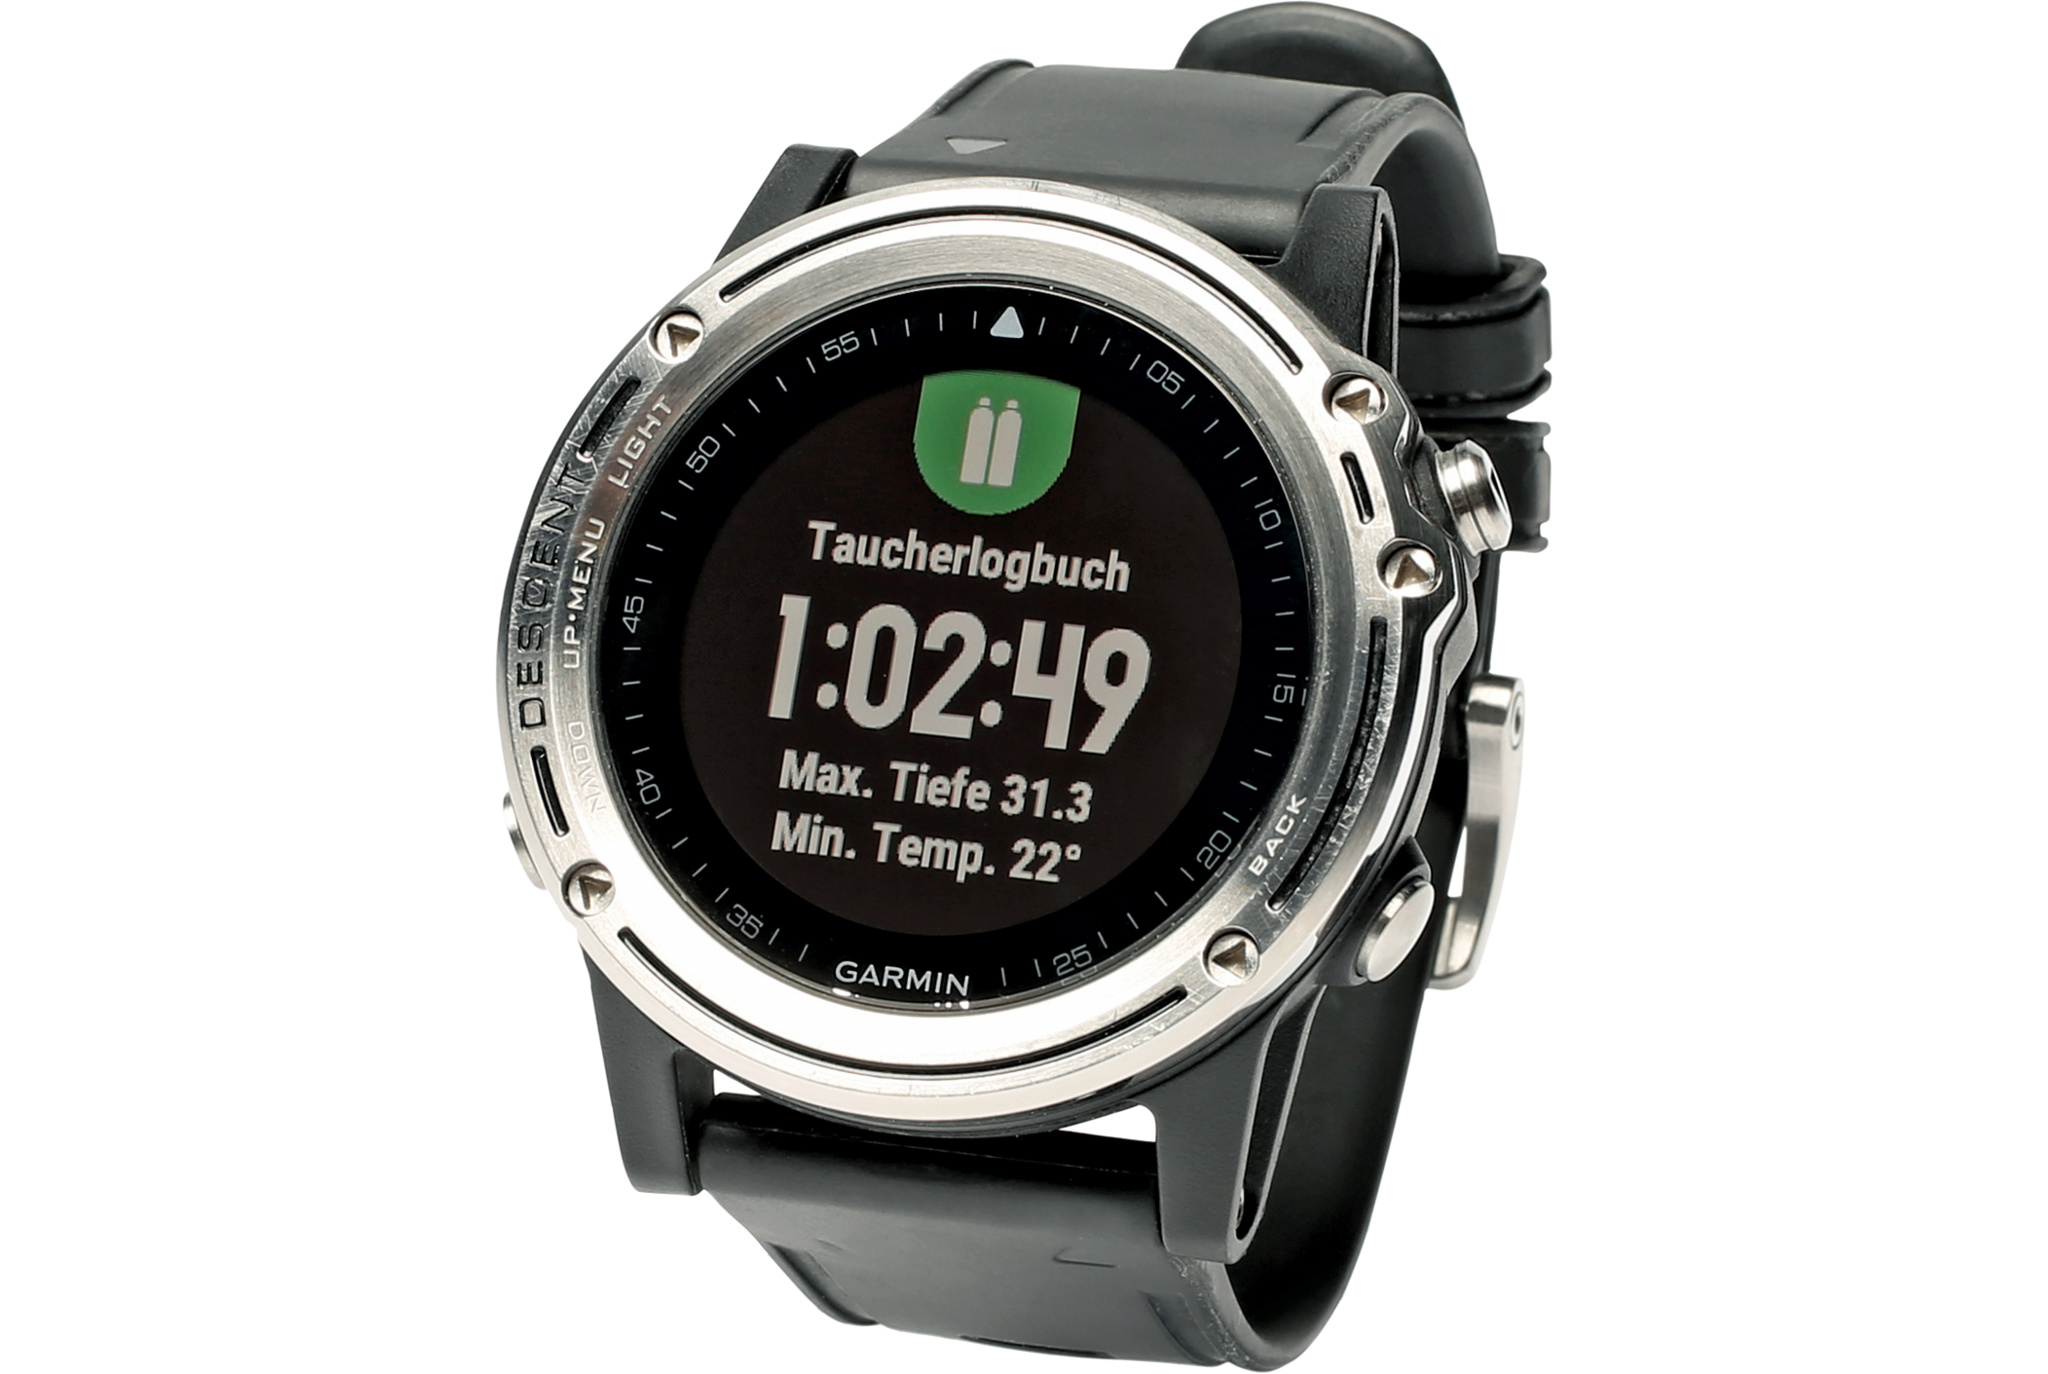 Sportuhren Garmin : Garmin sportuhren und smartwatches jetzt bei media markt kaufen